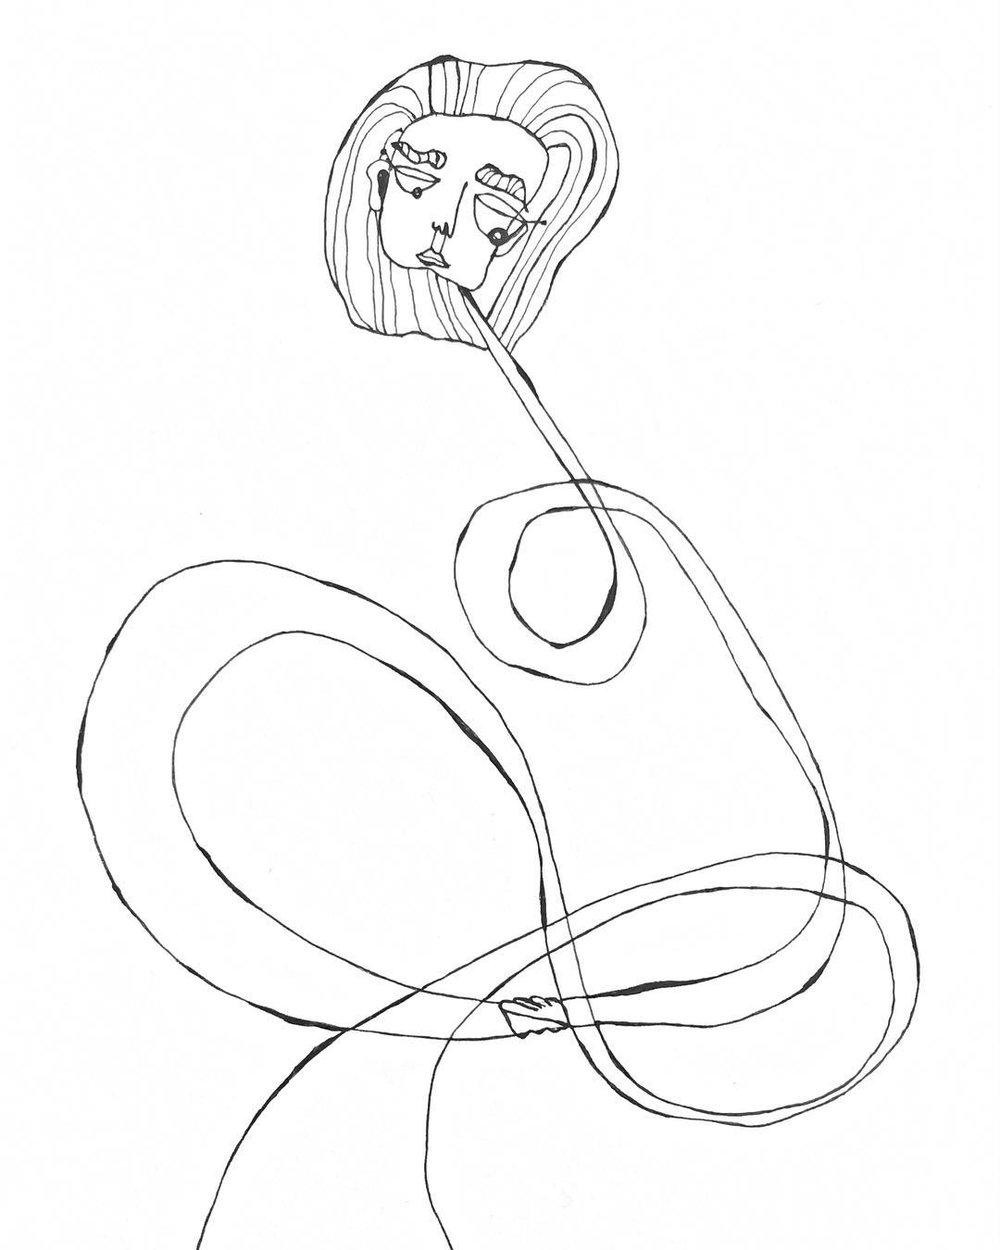 cerise-zelenetz-4.jpg